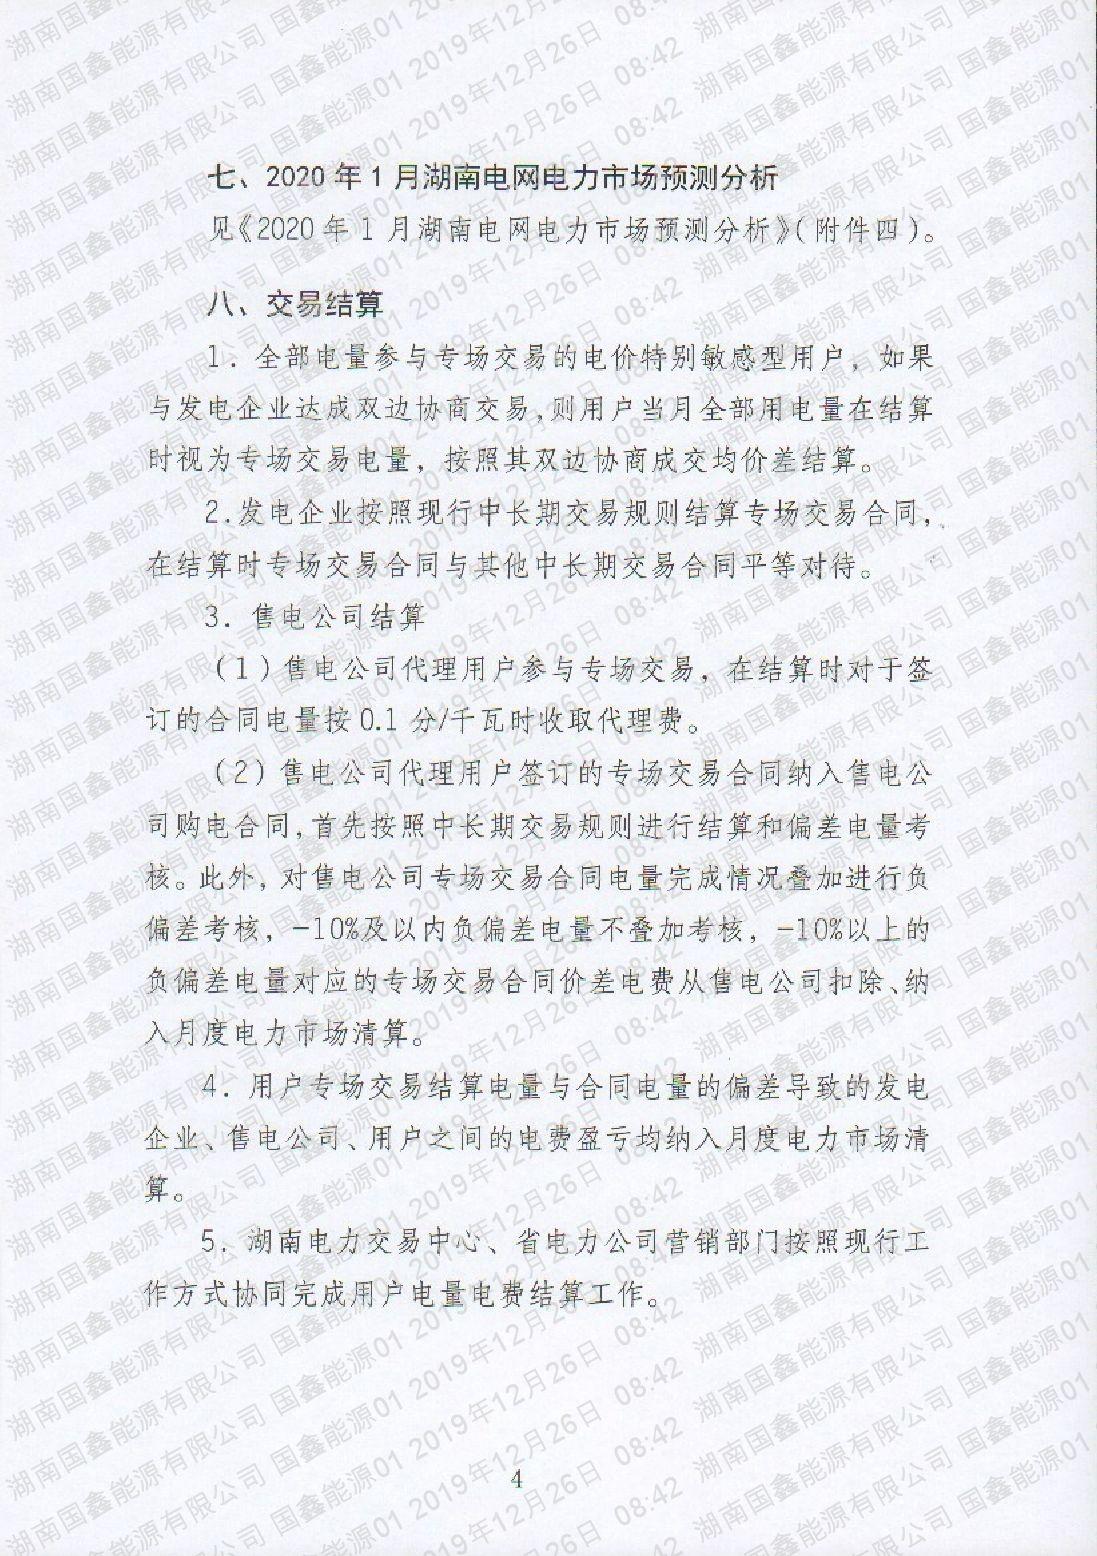 2020年第1號交易公告(1月擴需增發專場交易).pdf_page_4_compressed.jpg